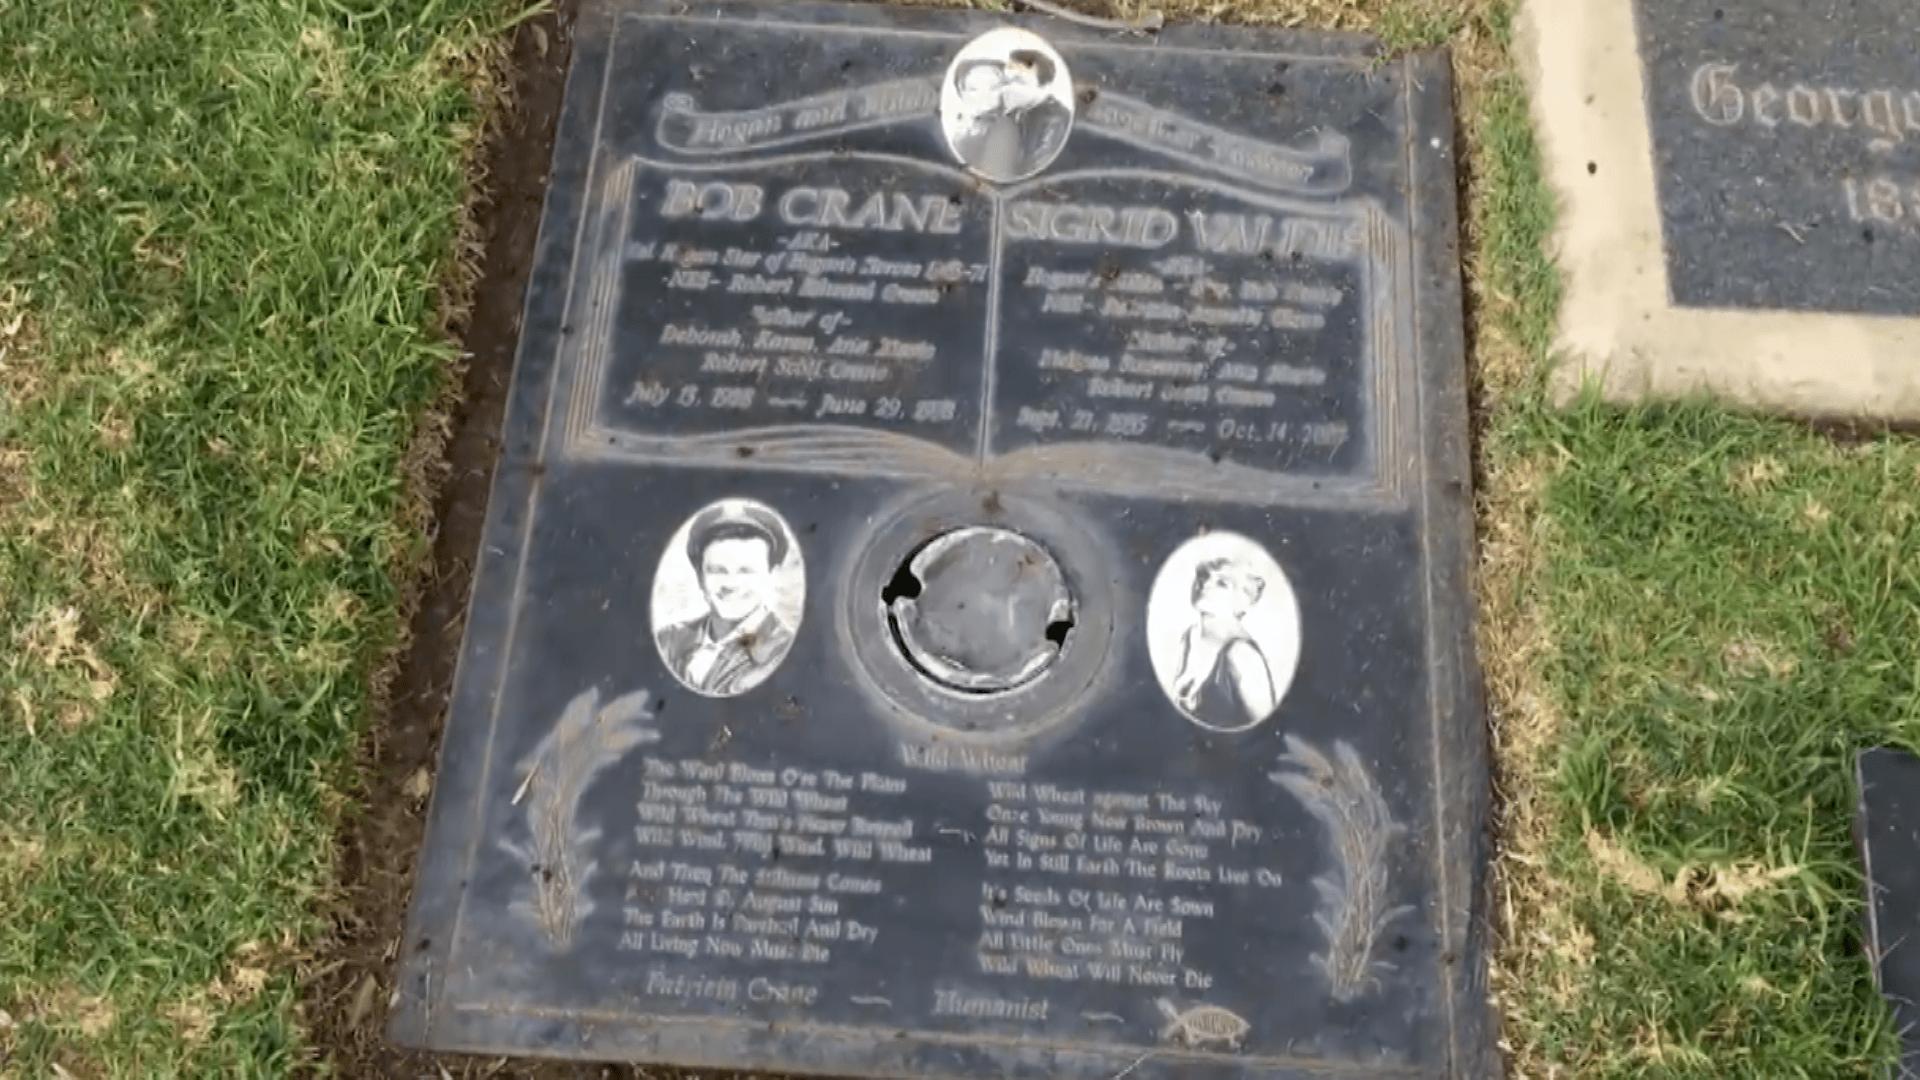 bob-crane-grave-stone-2